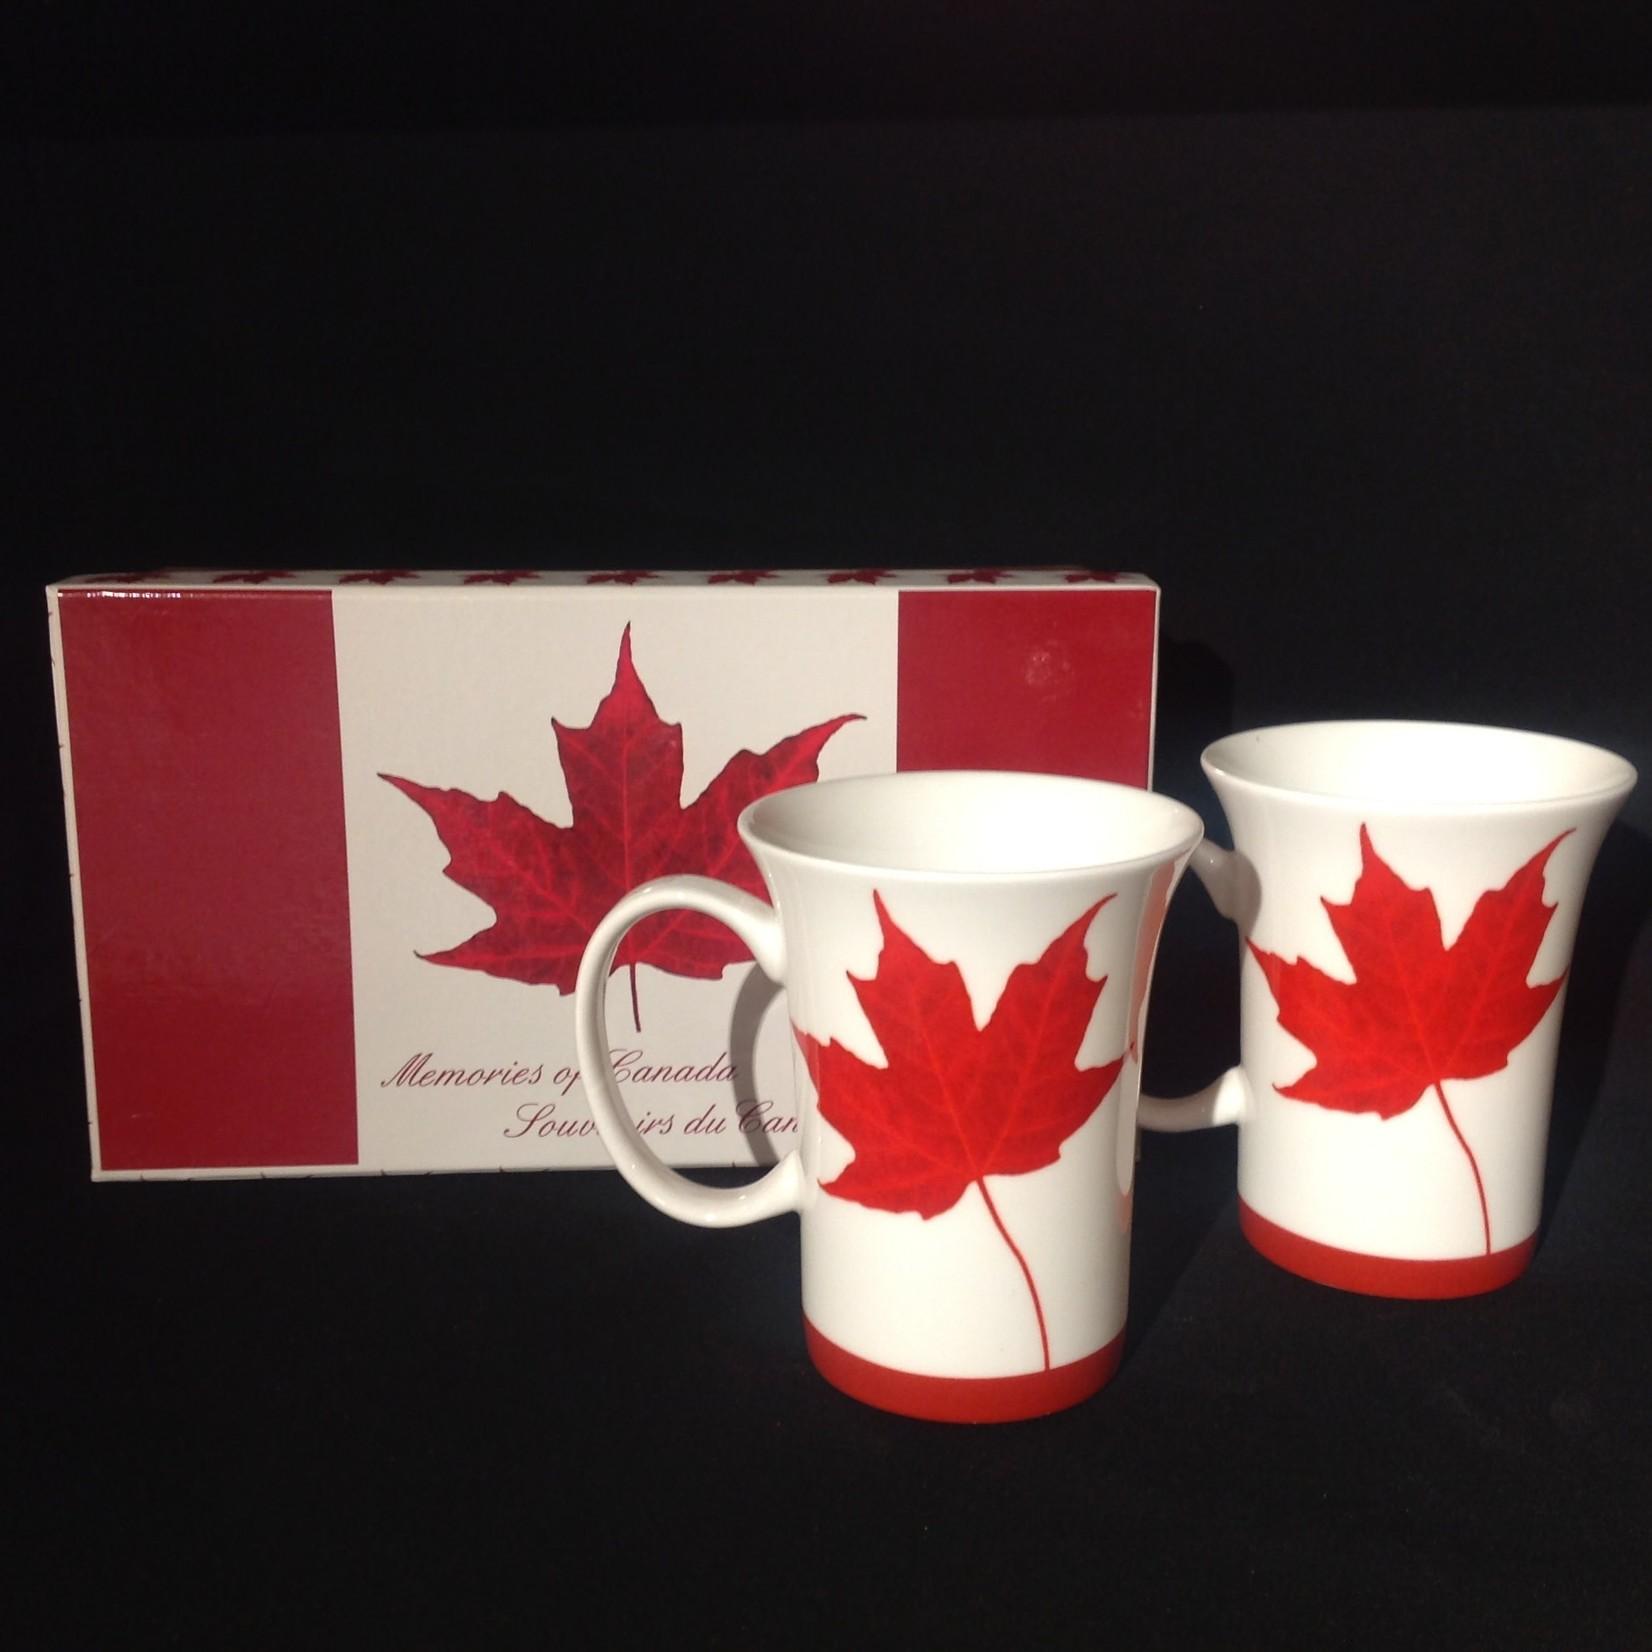 Memories of Canada (set 2)